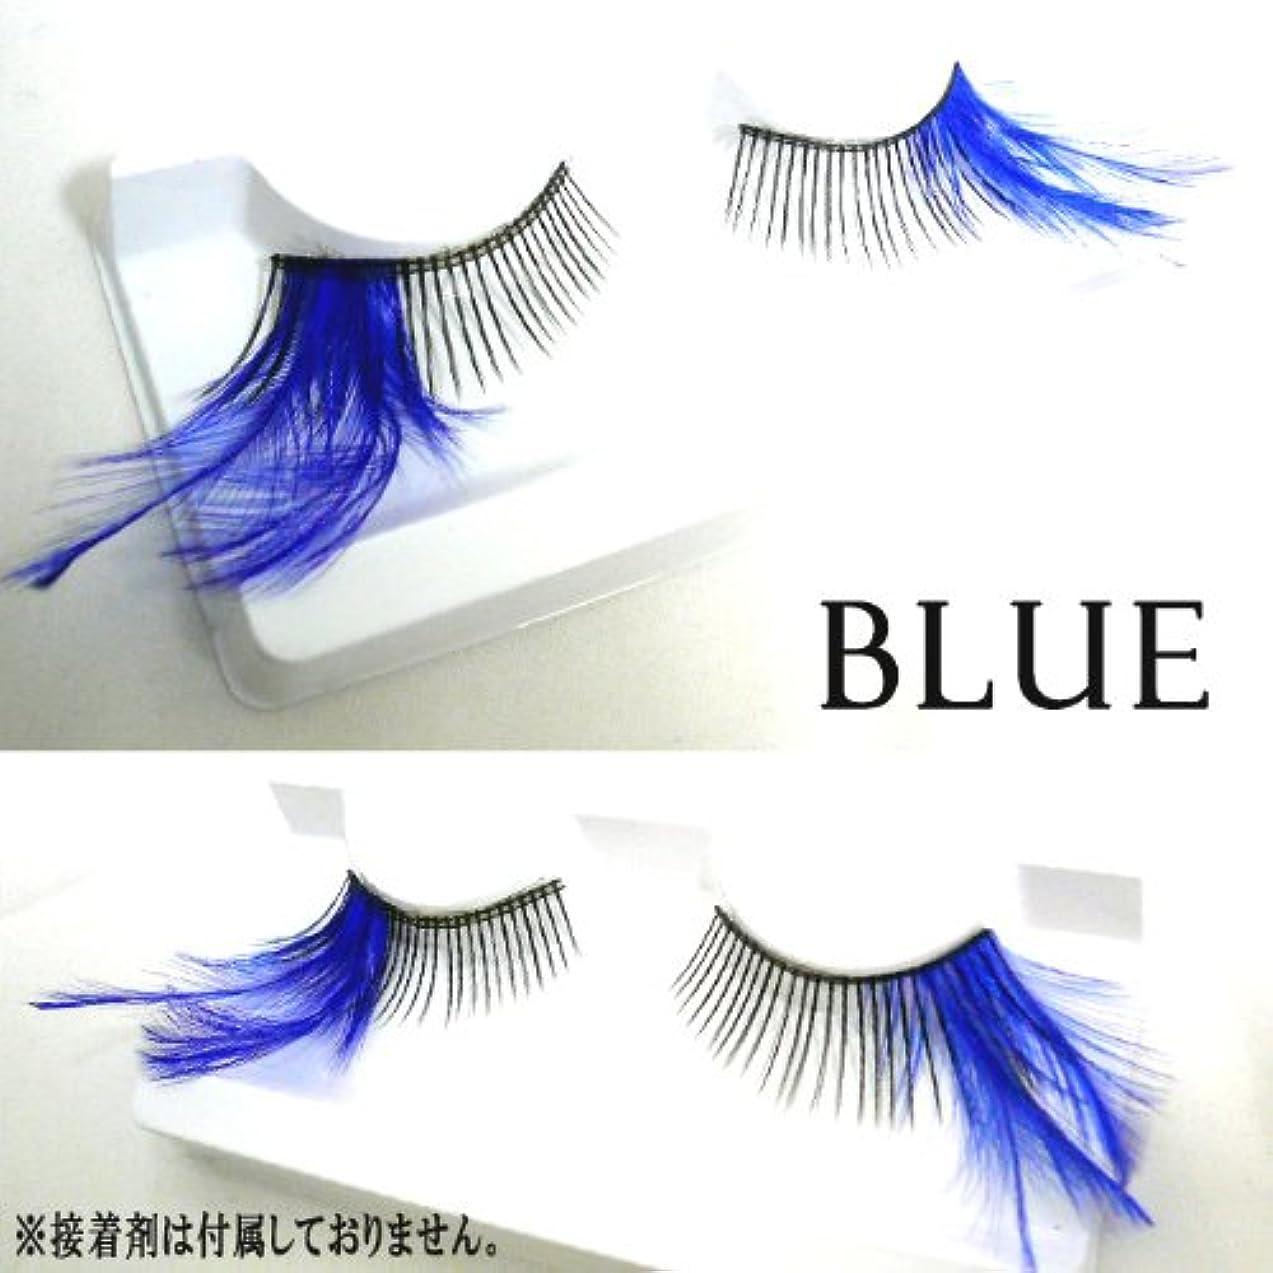 壁紙振り返るフォーマル羽付きつけまつげ つけまつげ 付けまつげ 羽付き 羽つき ダンス用 ダンス パーティー 発表会 tuke0012s ブルー